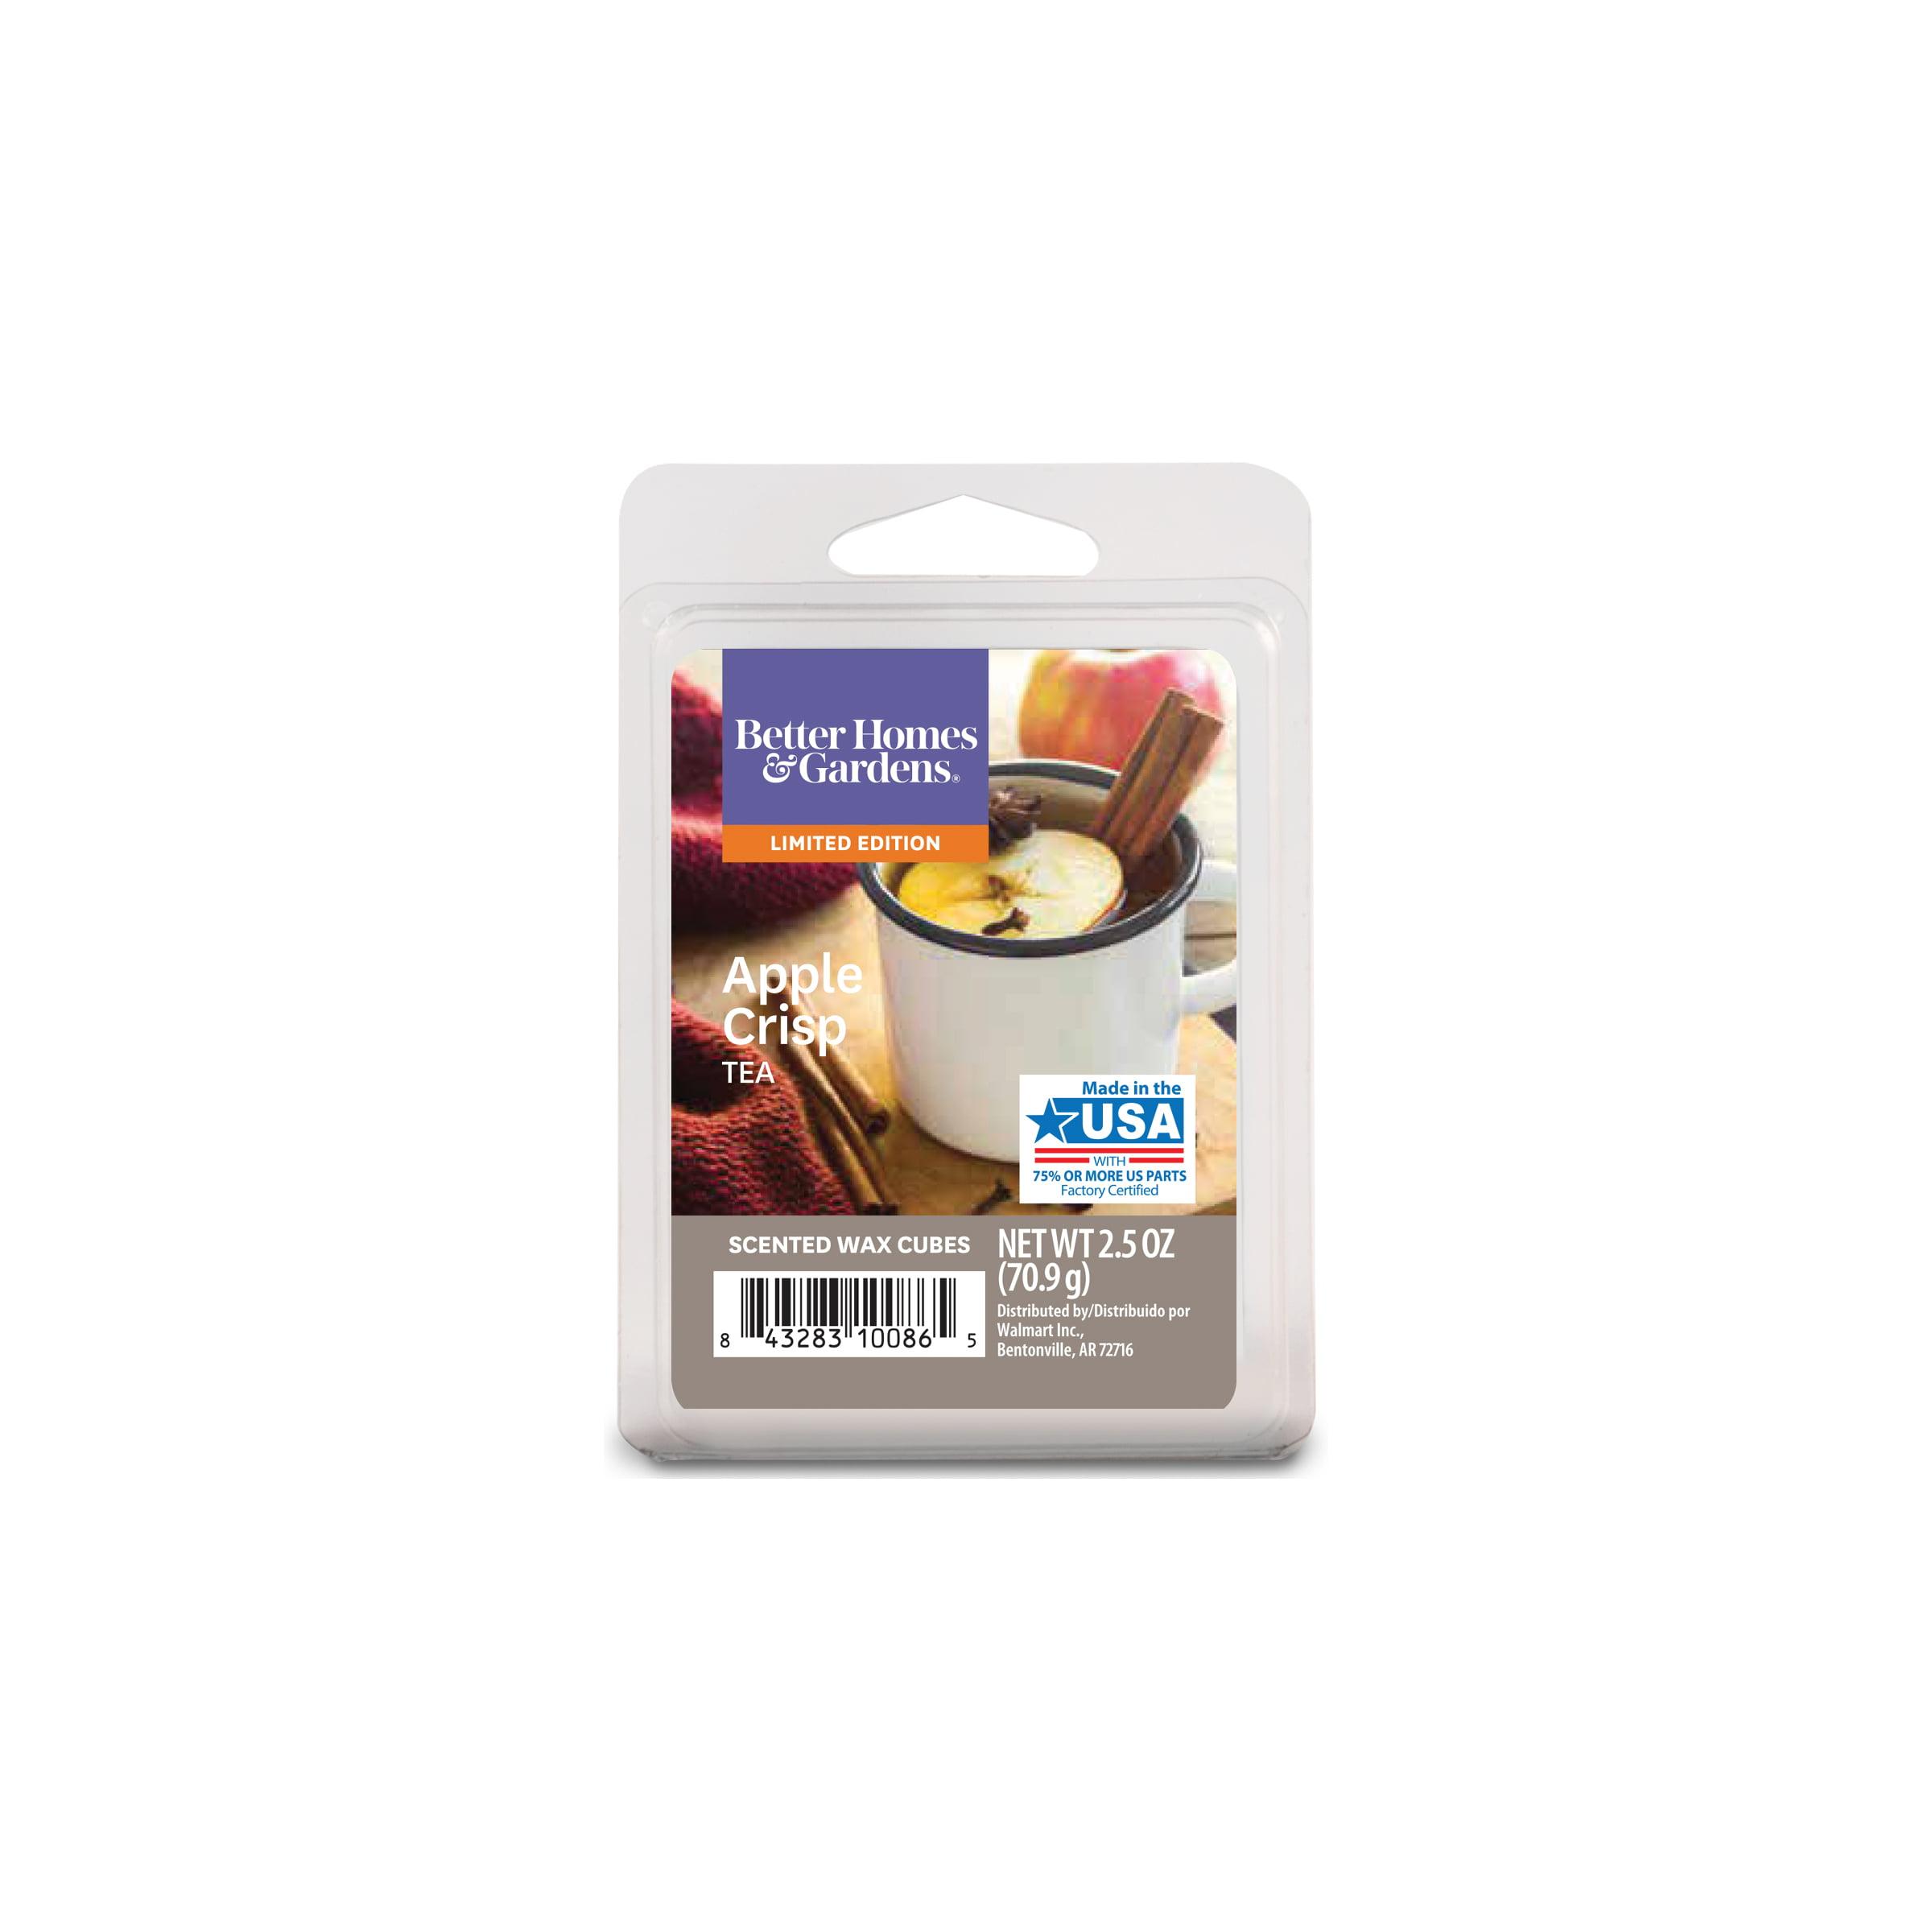 Better Homes & Gardens 2.5 oz Apple Crisp Tea Scented Wax Melts